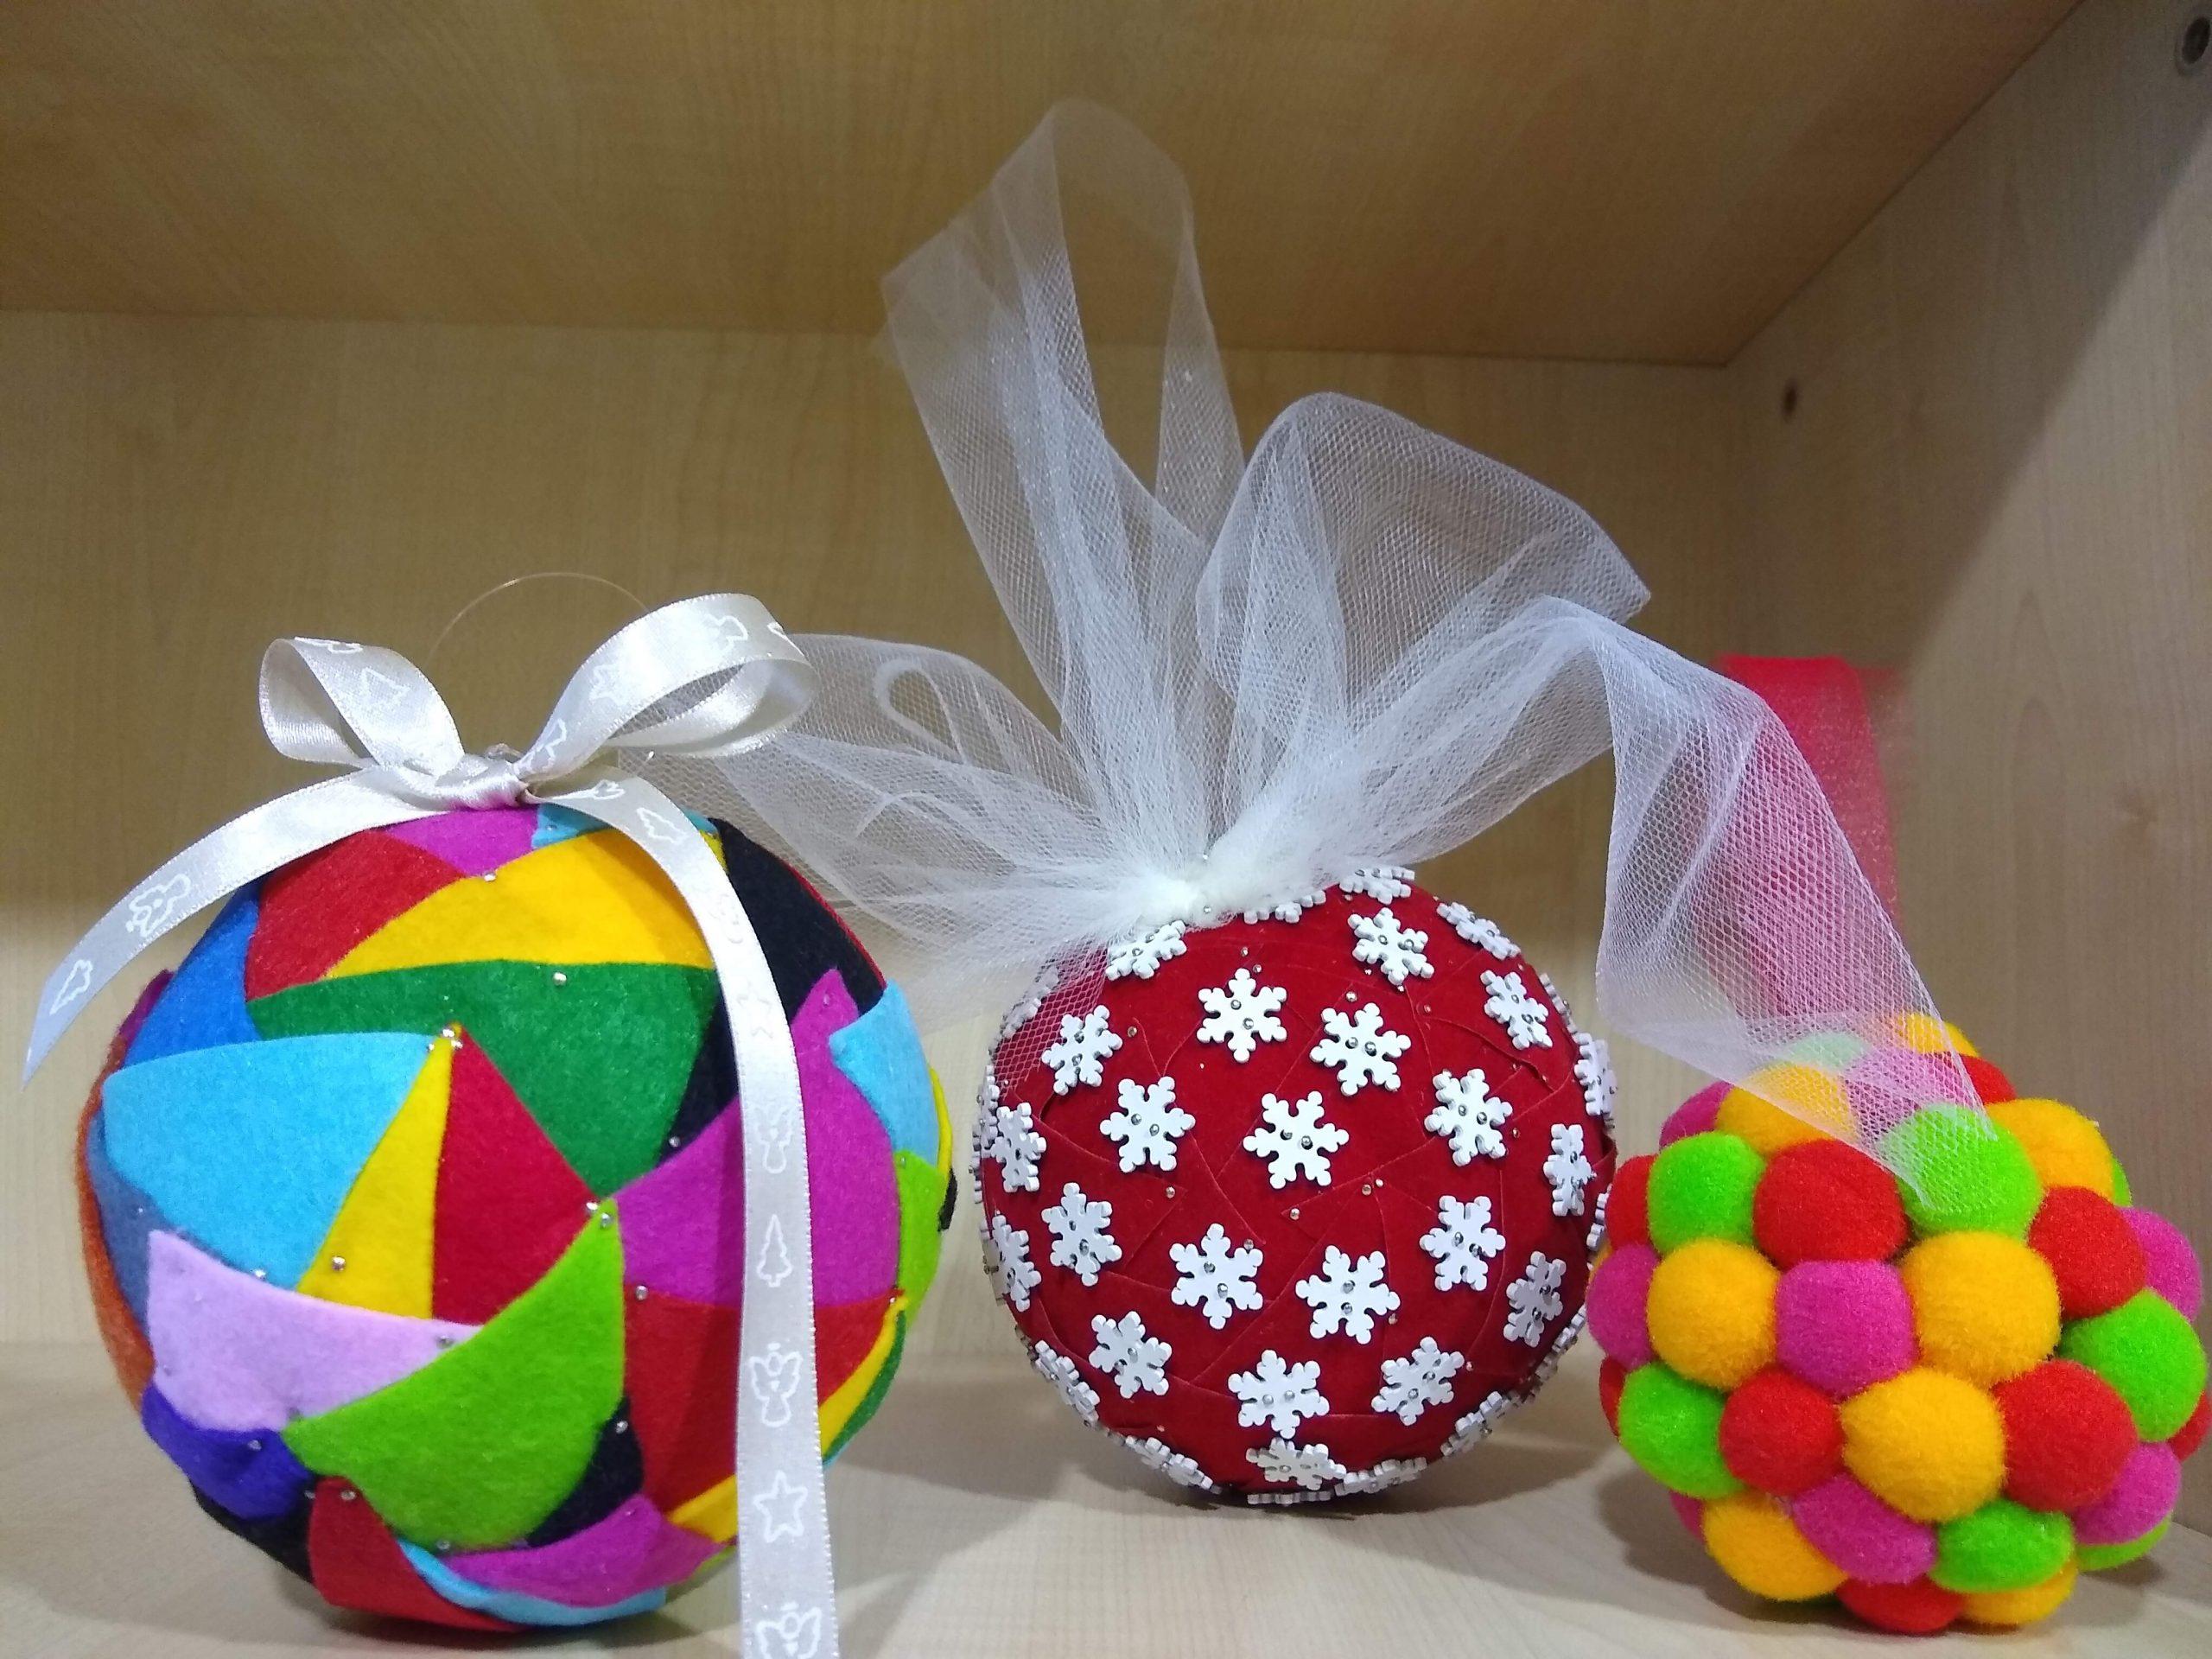 Puchata bombka, czyli świąteczne robótki zręczne online.